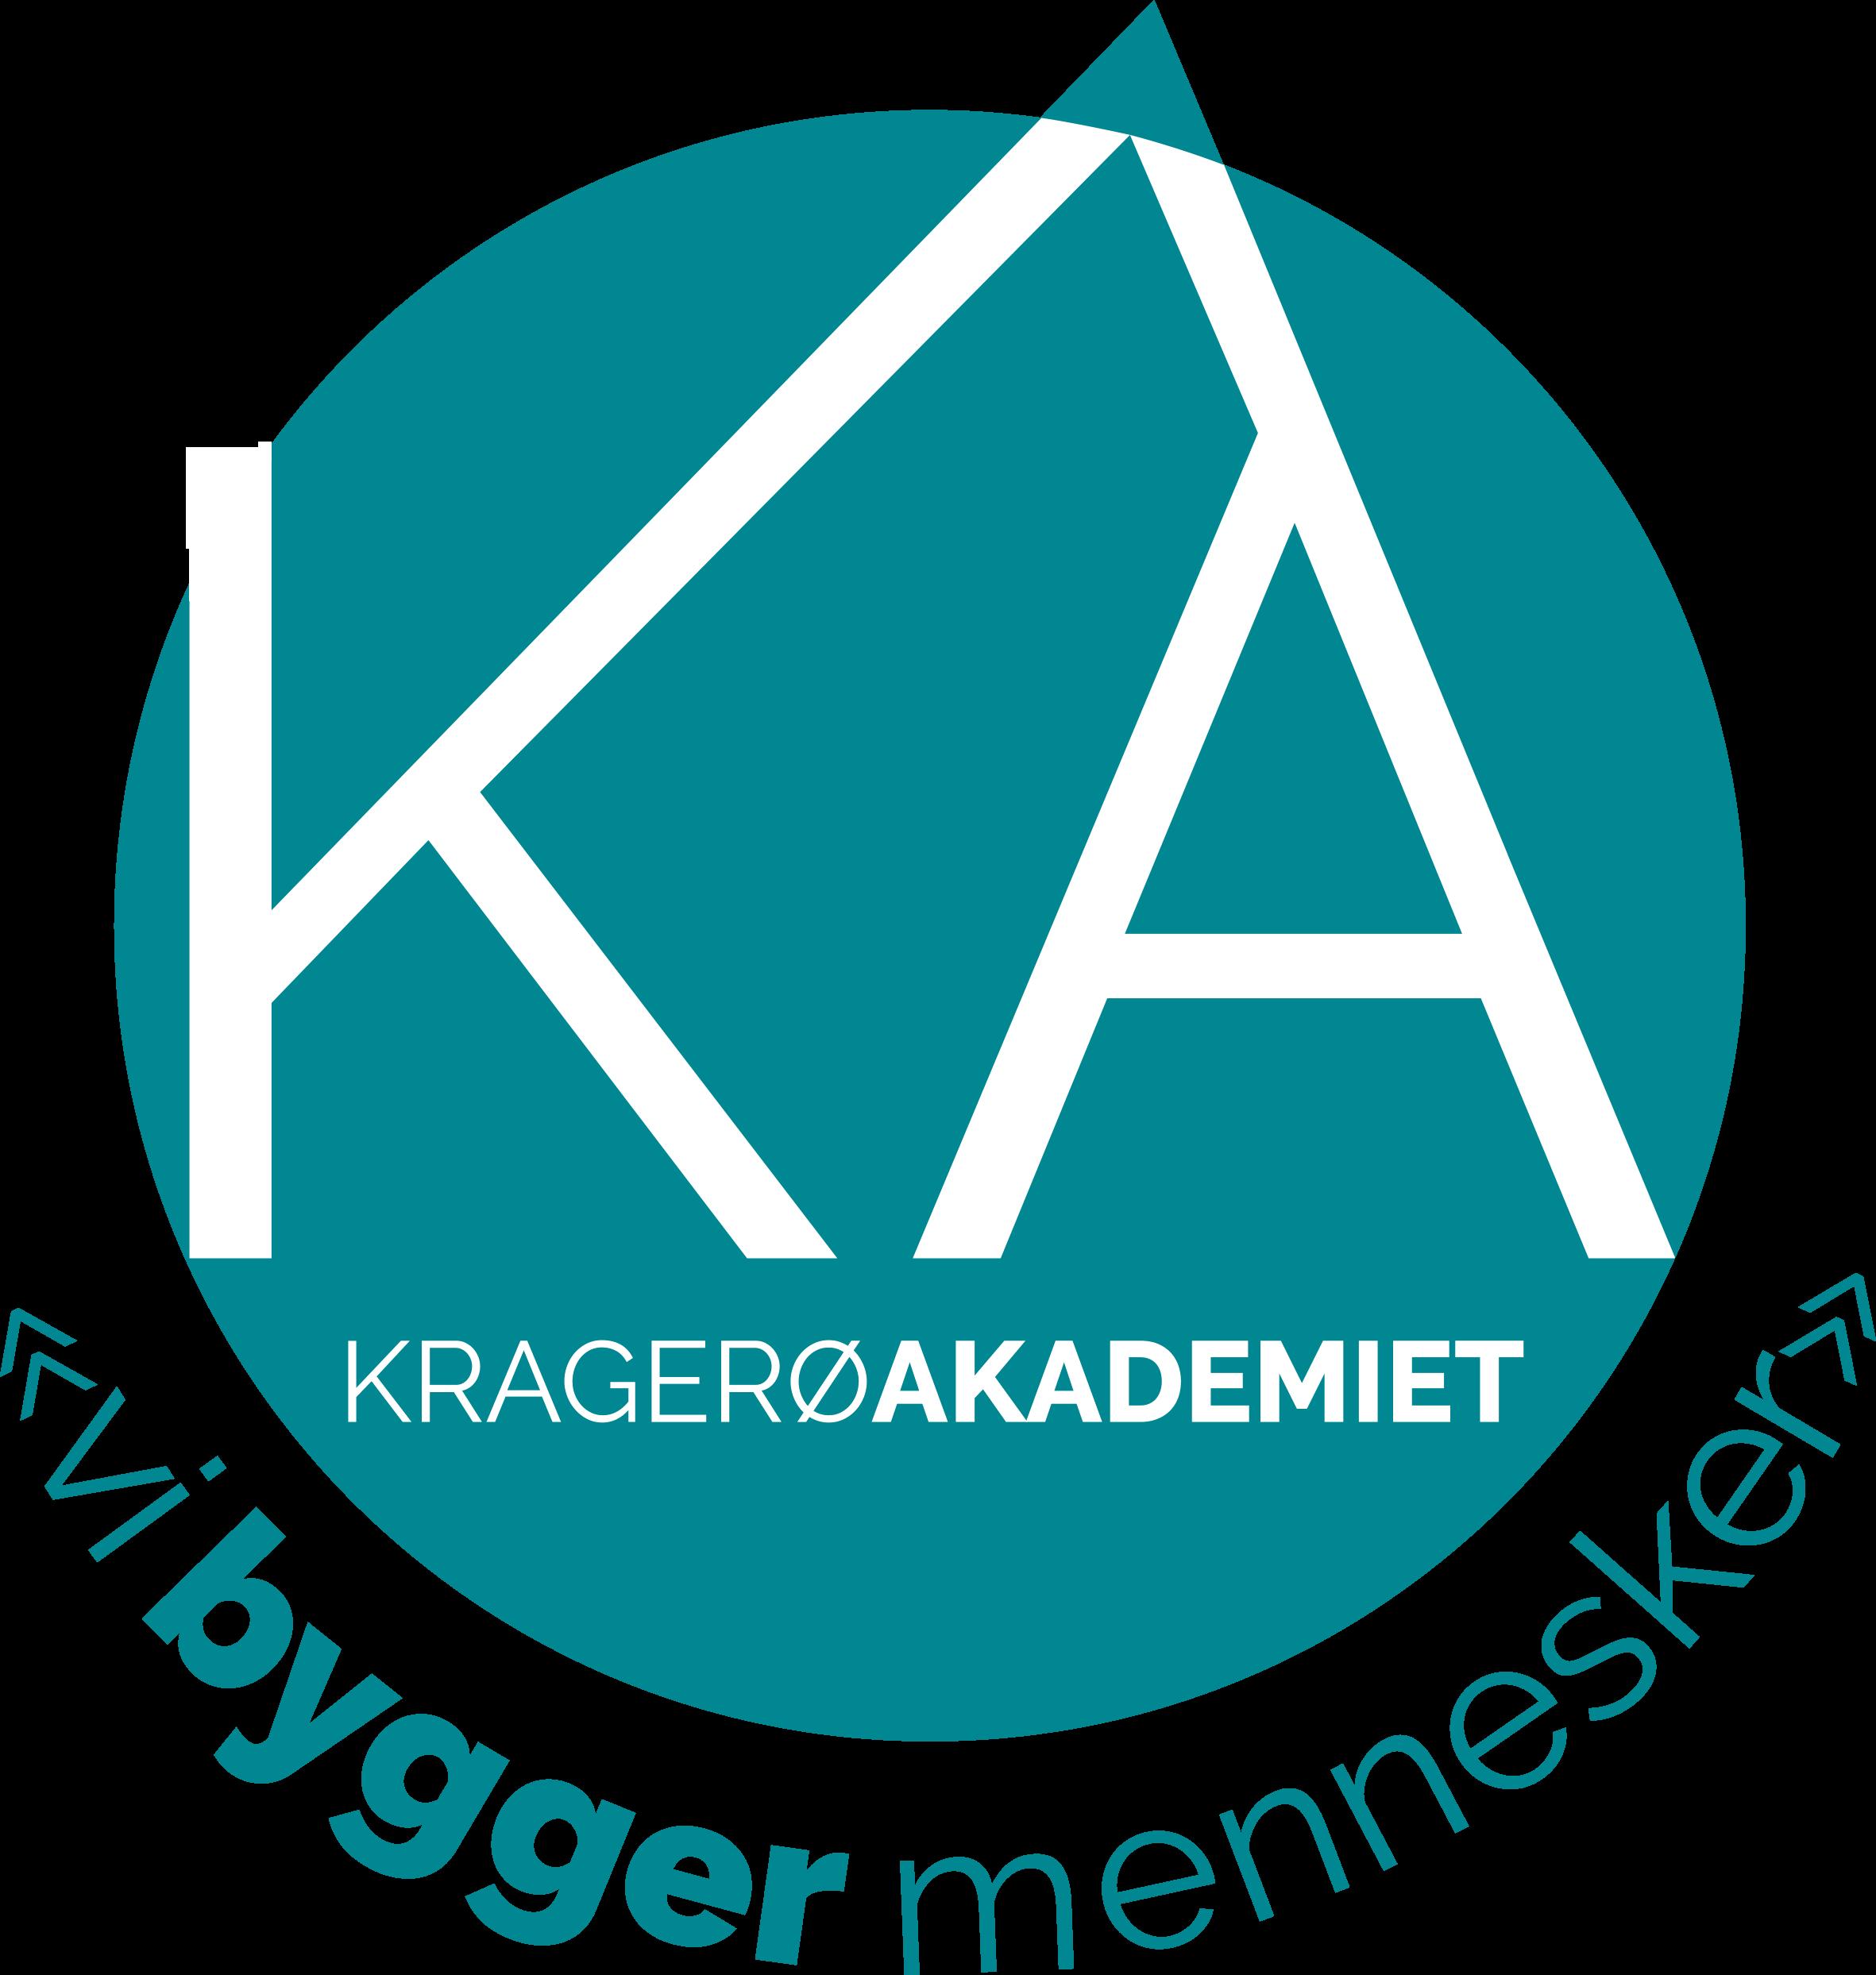 Vi bygger mennesker - Kragerø Akademiet